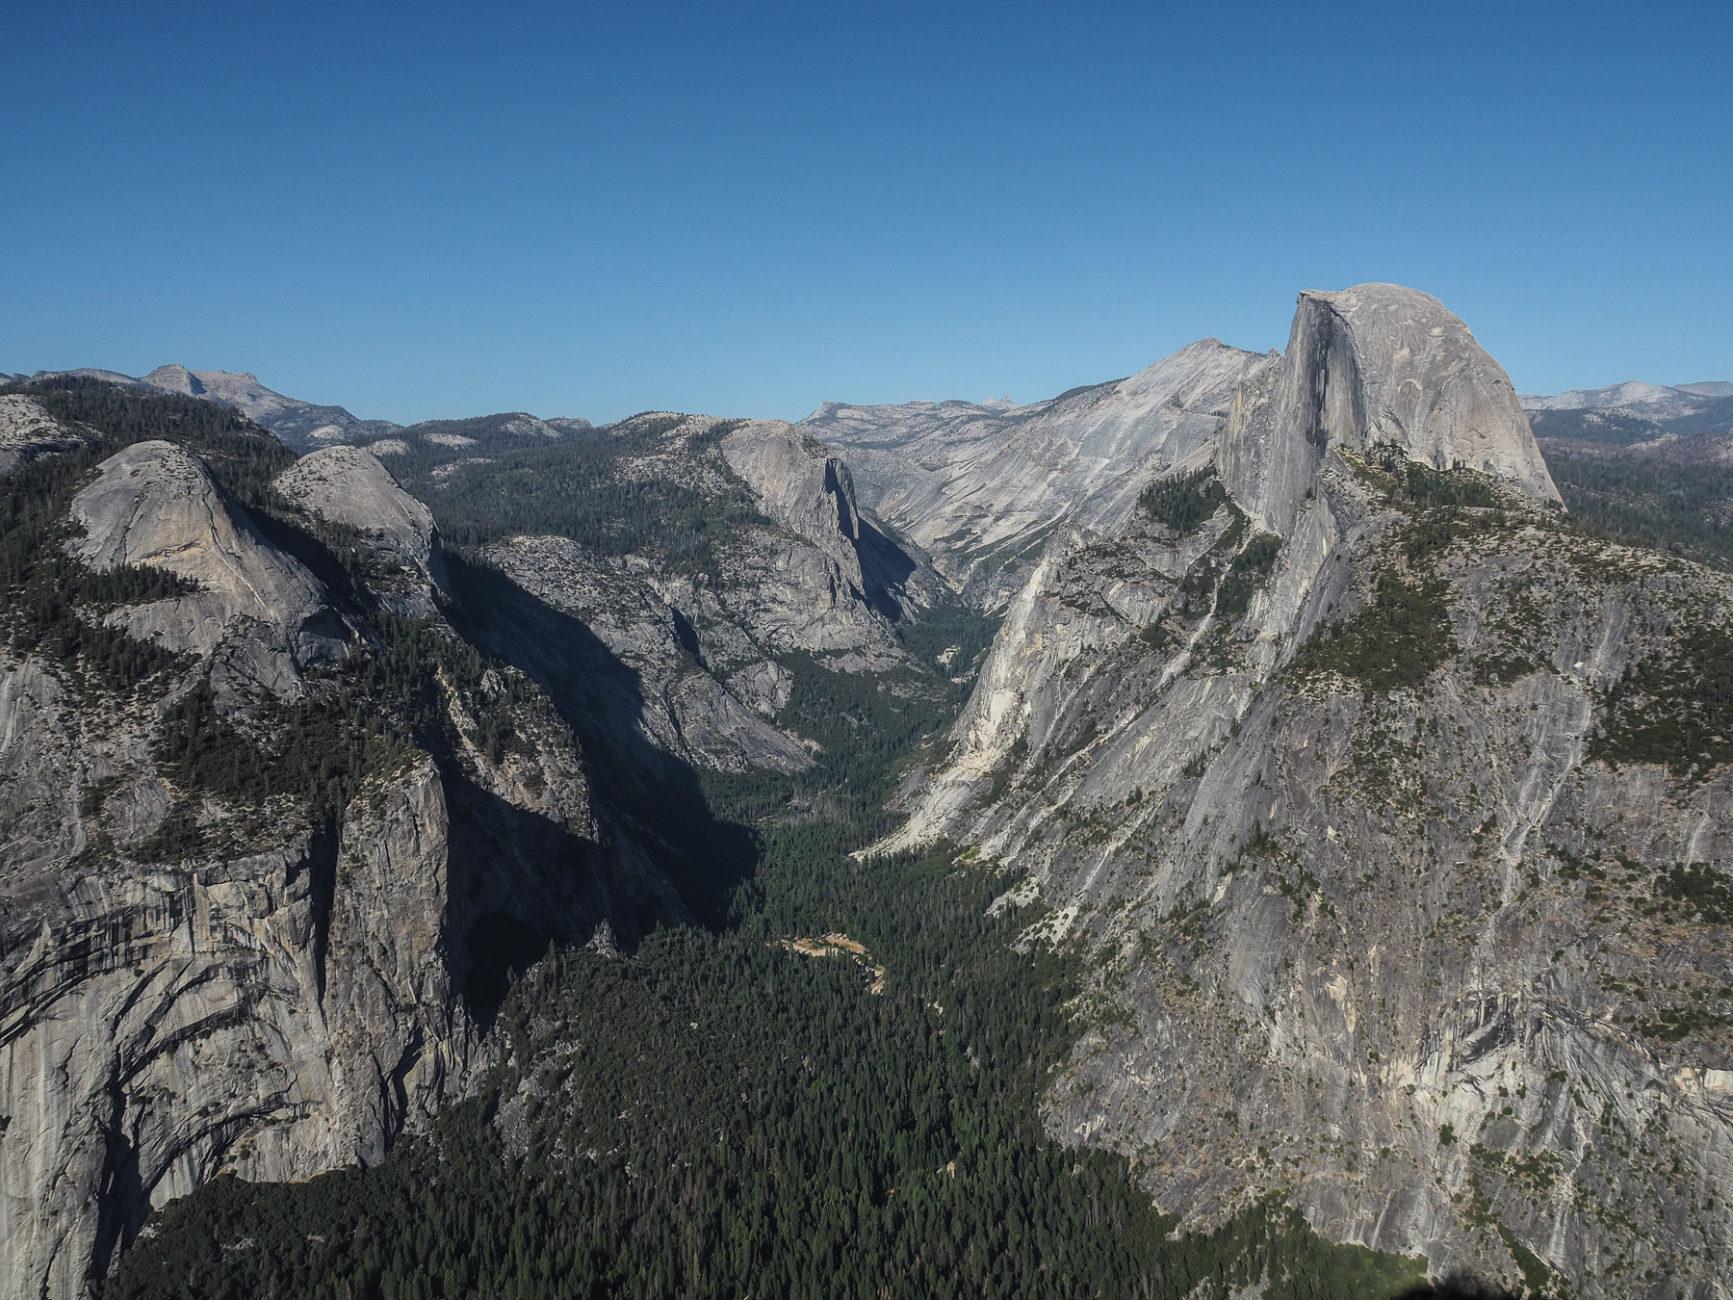 Das berühmte Yosemite Valley